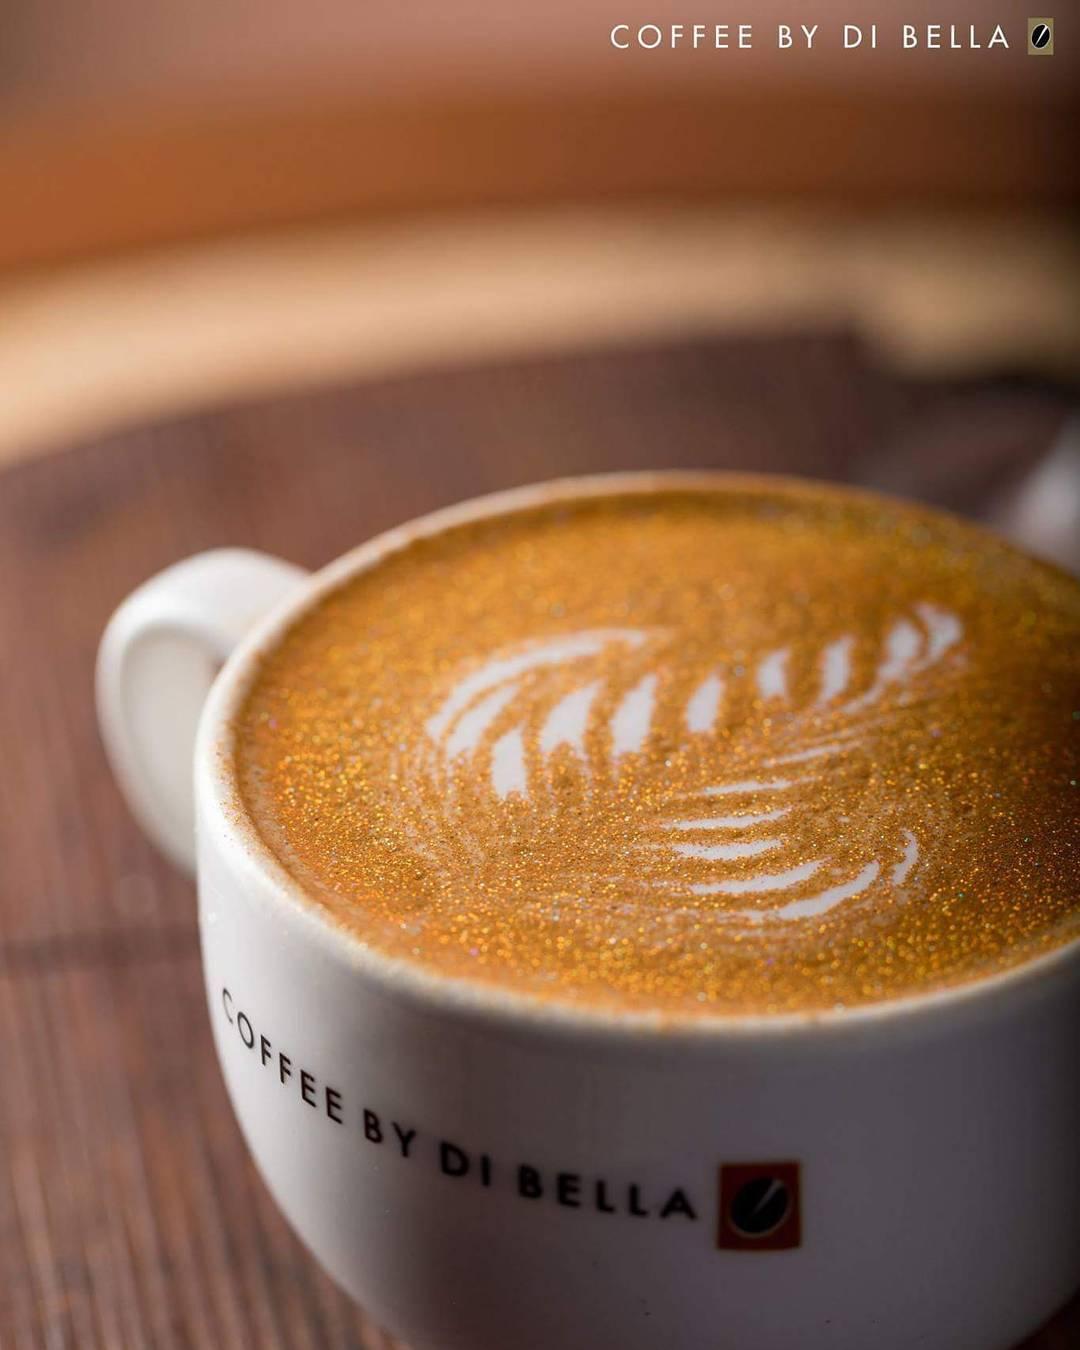 Те, кто уже успел попробовать такой блестящий кофе, говорят, что блёстки никак не влияют на вкус нап